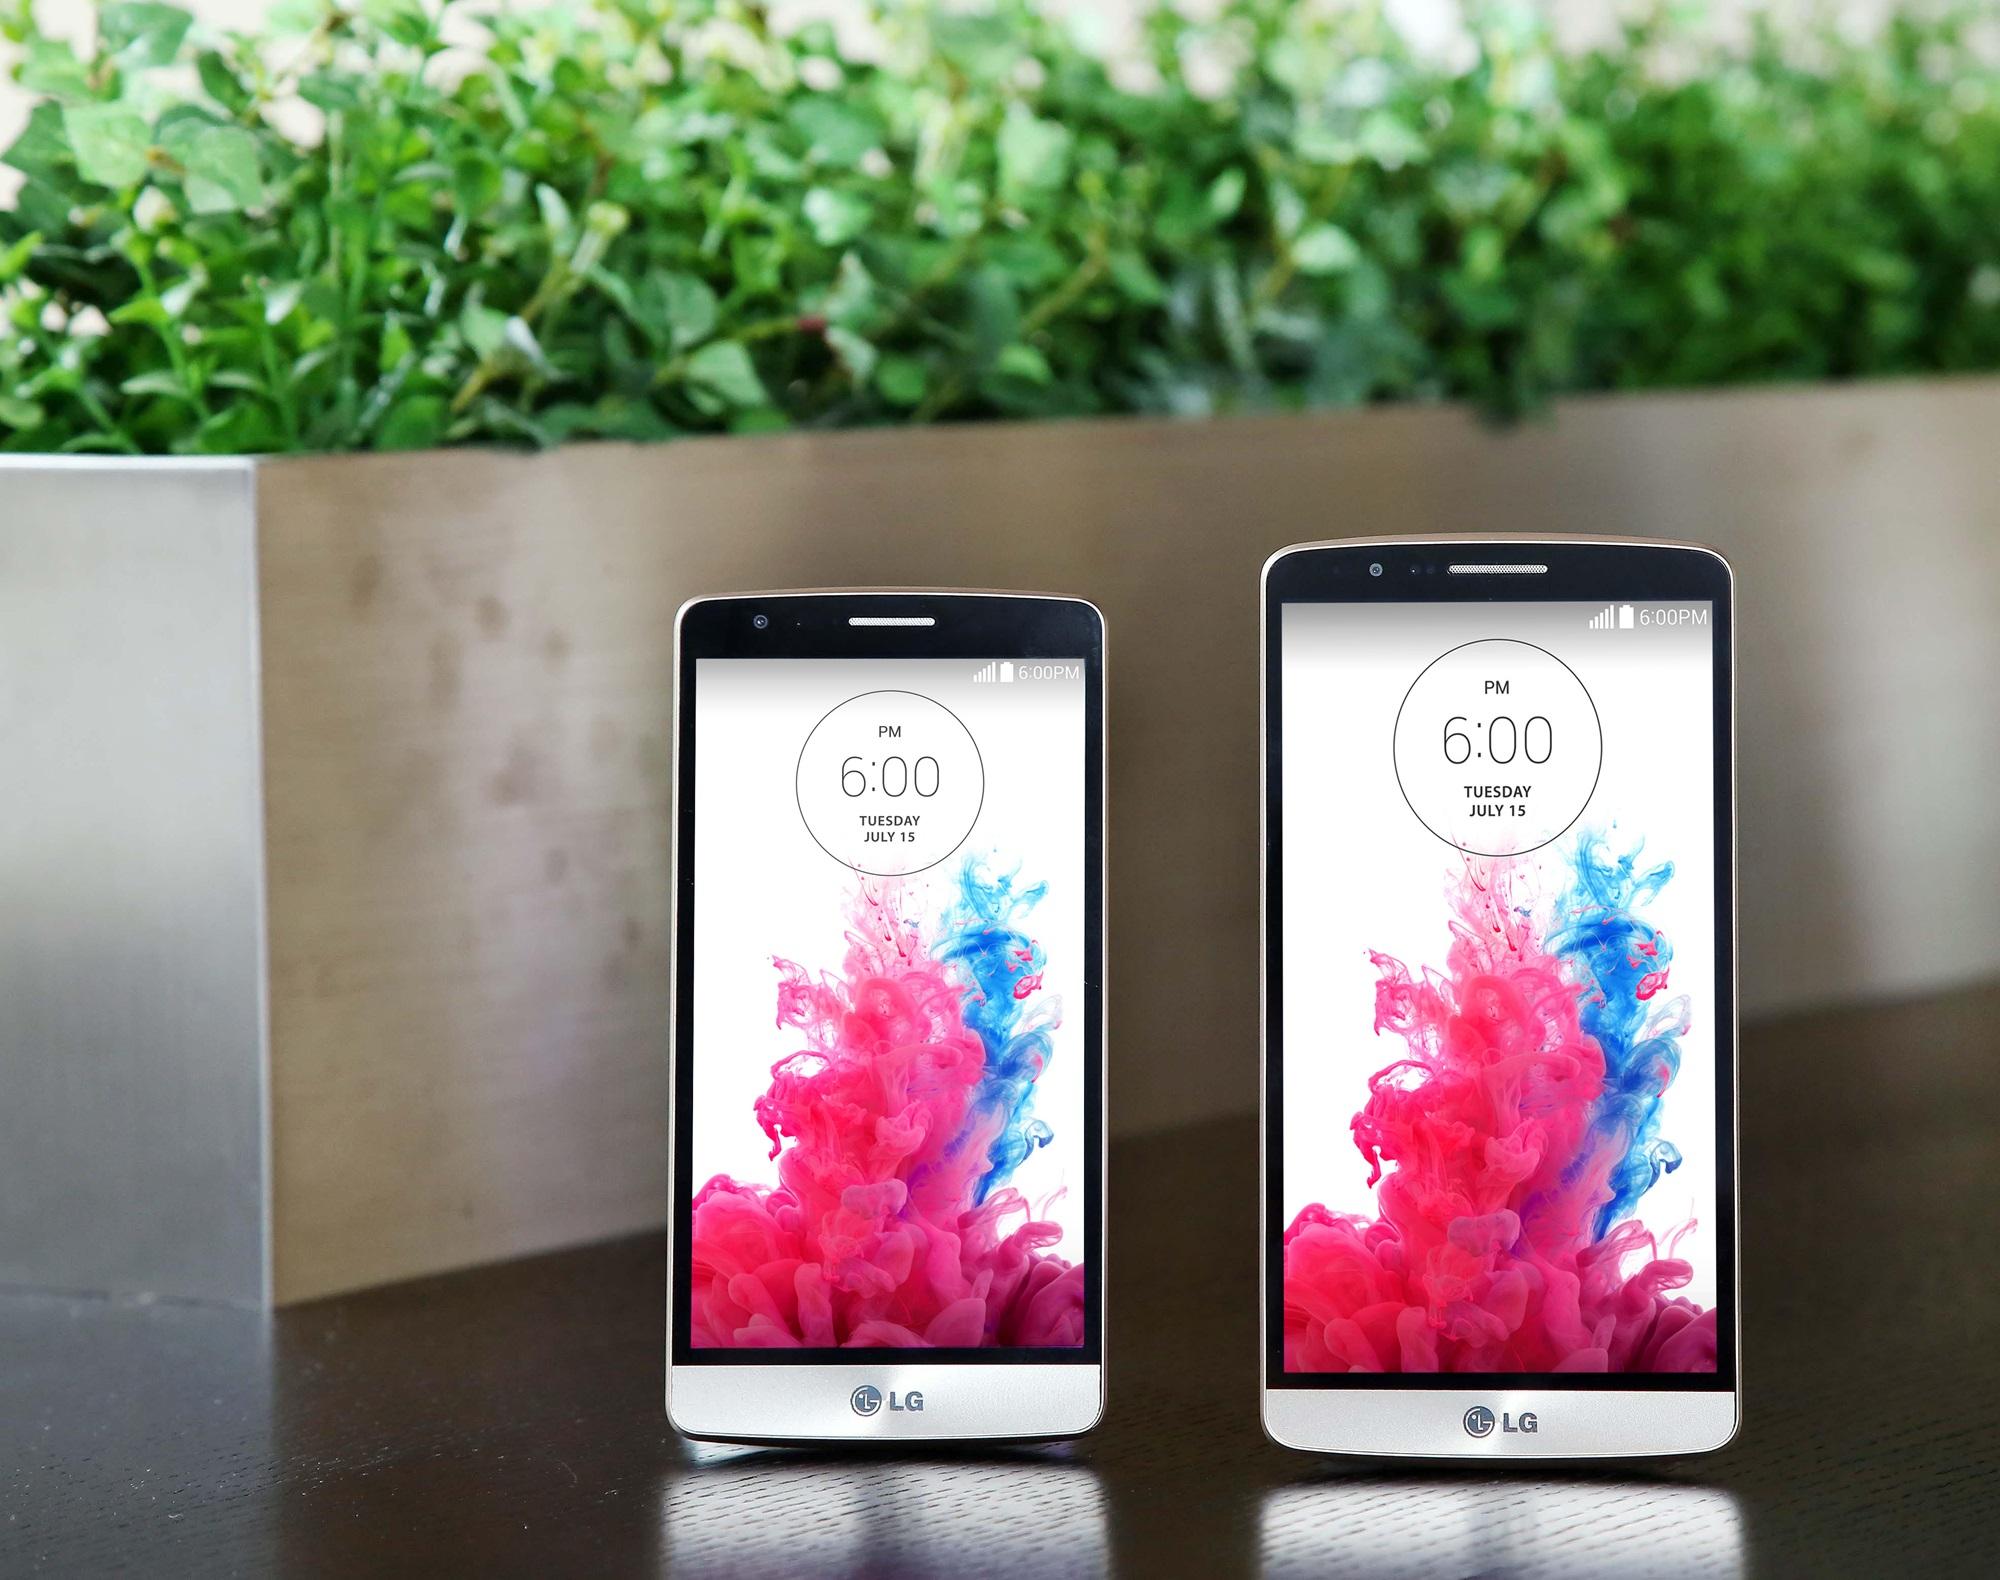 Le LG G3 Beat (G3 S) : on connaît son prix et sa date de sortie